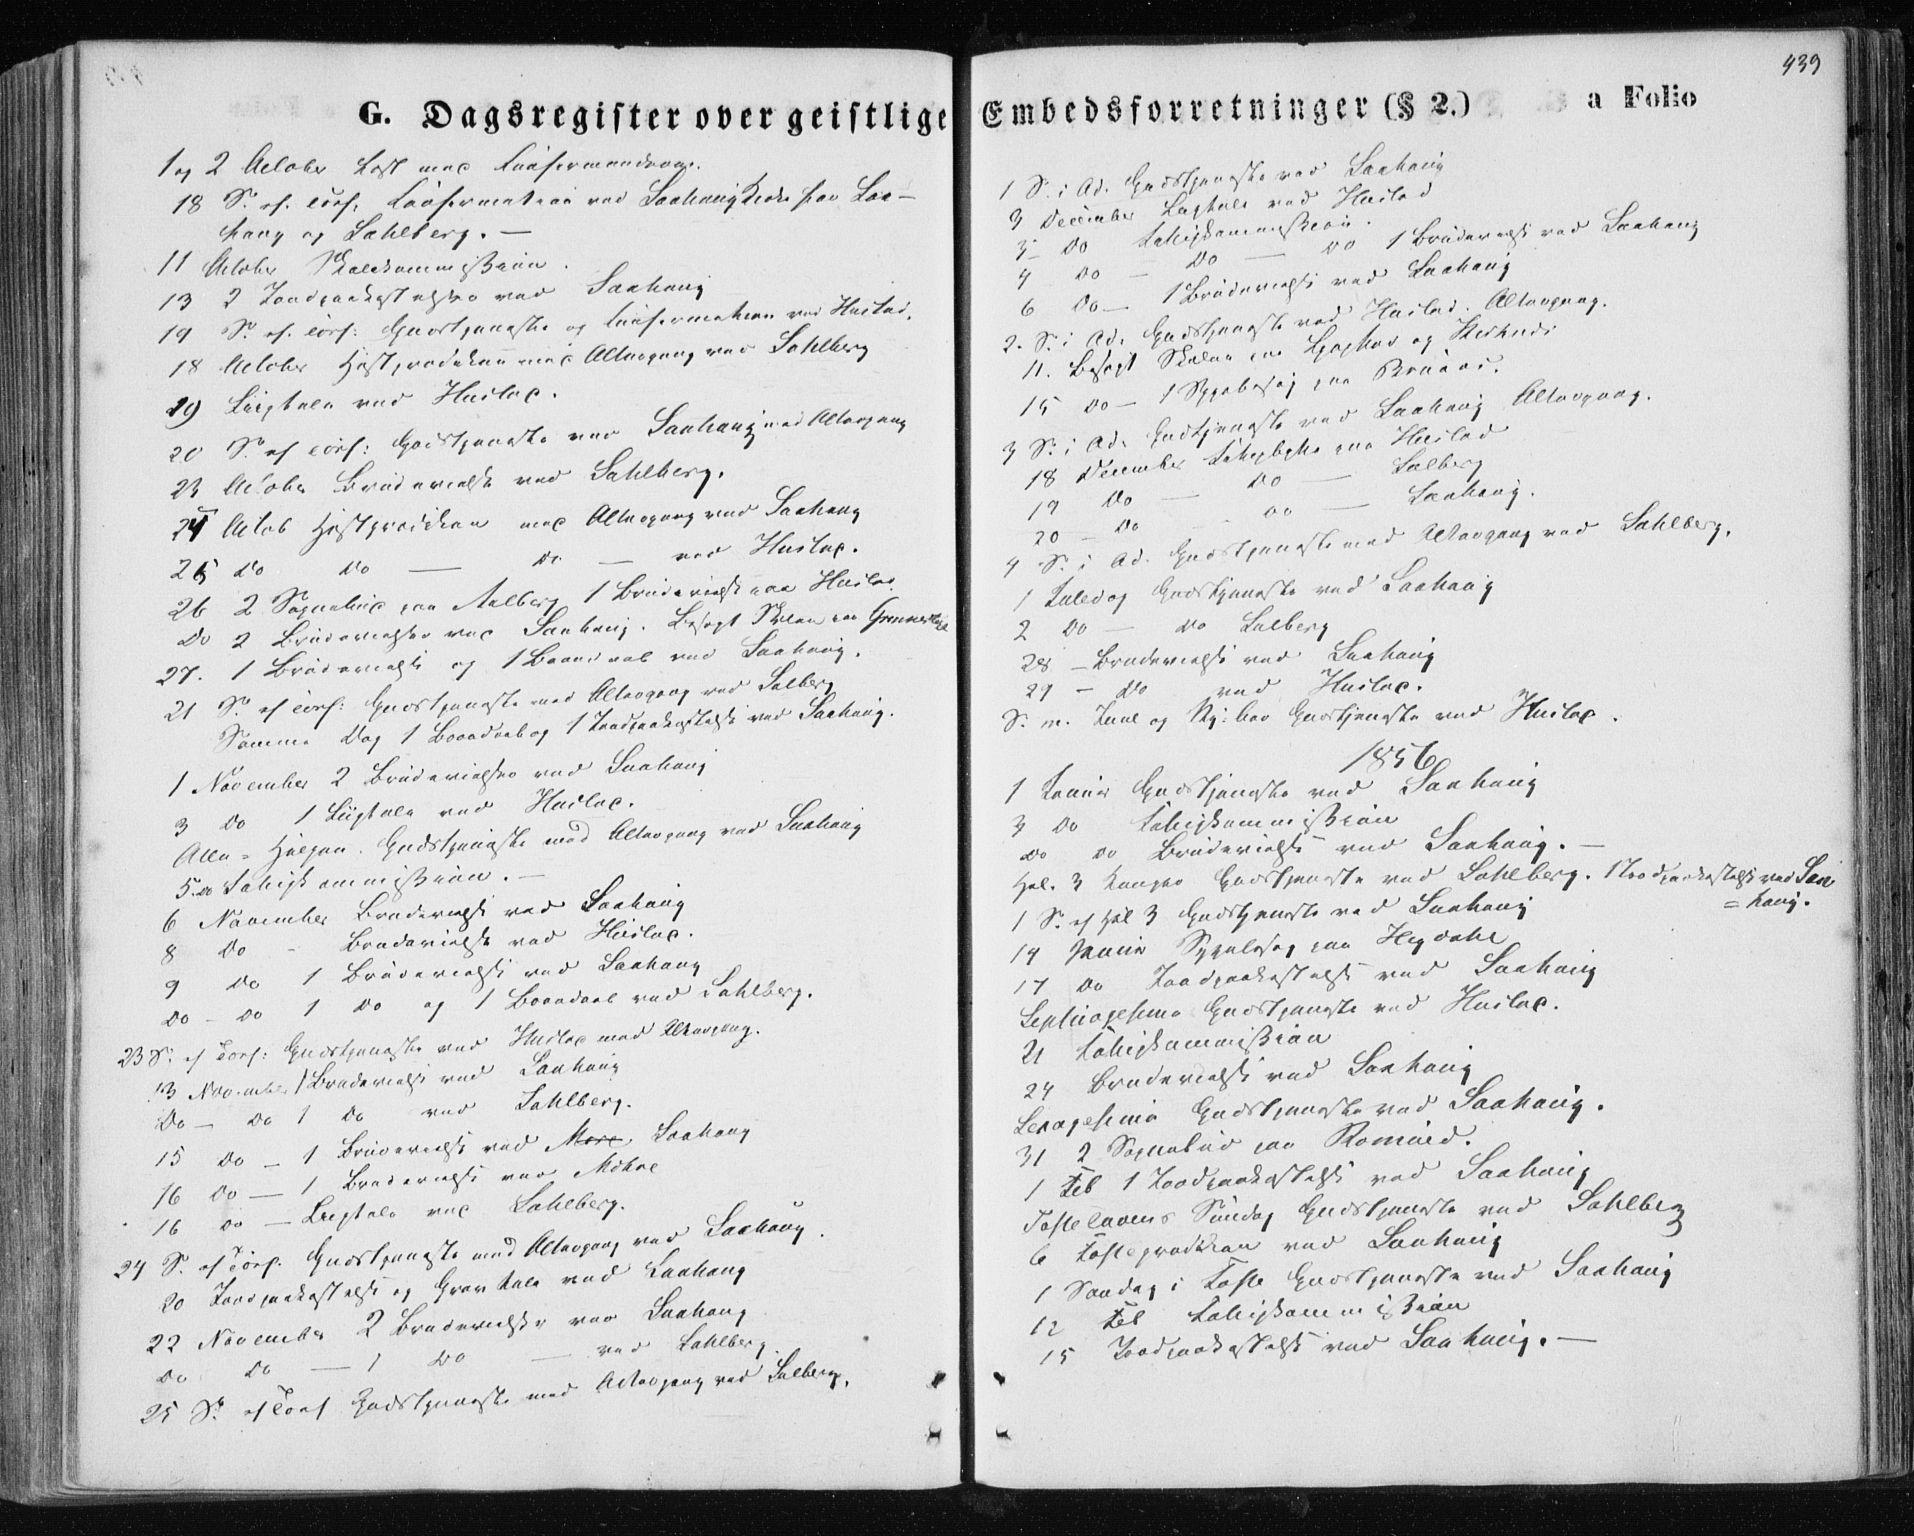 SAT, Ministerialprotokoller, klokkerbøker og fødselsregistre - Nord-Trøndelag, 730/L0283: Ministerialbok nr. 730A08, 1855-1865, s. 439